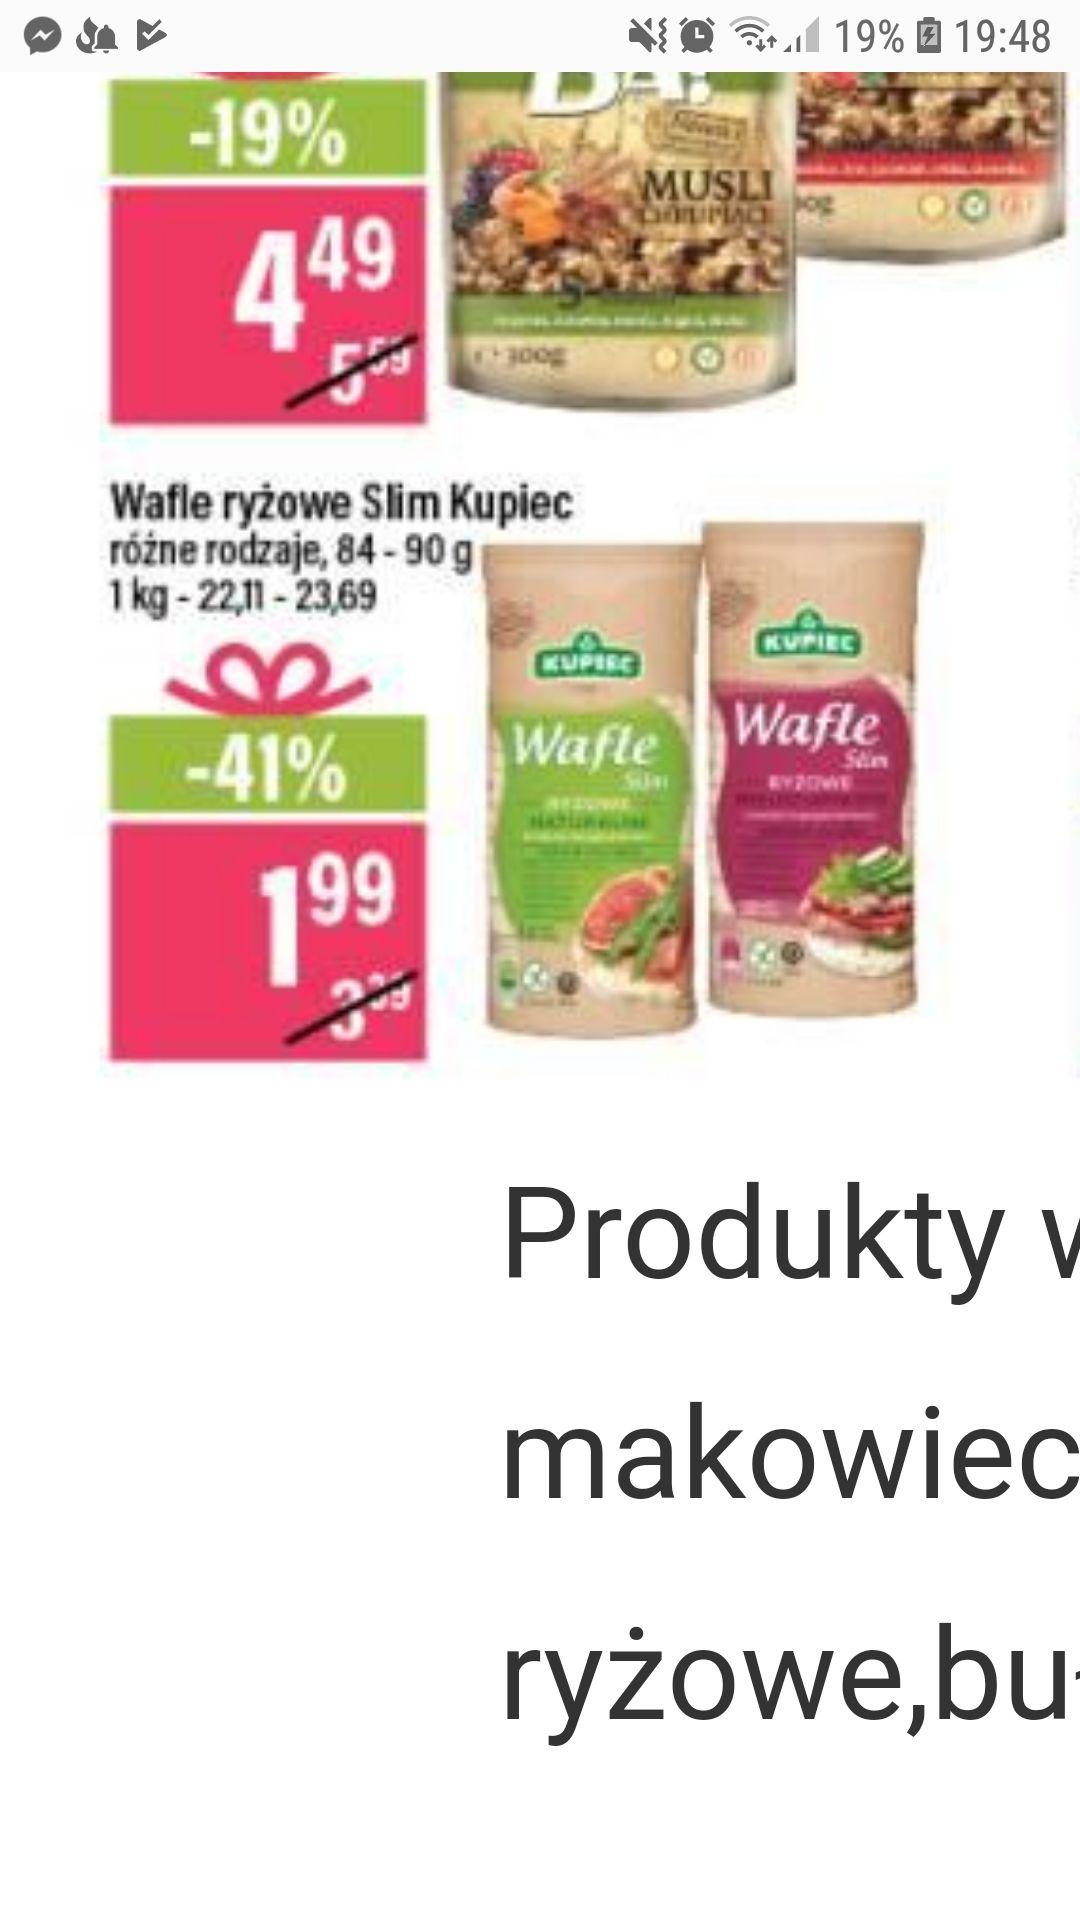 Kupiec - wafle ryżowe slim @ Mila